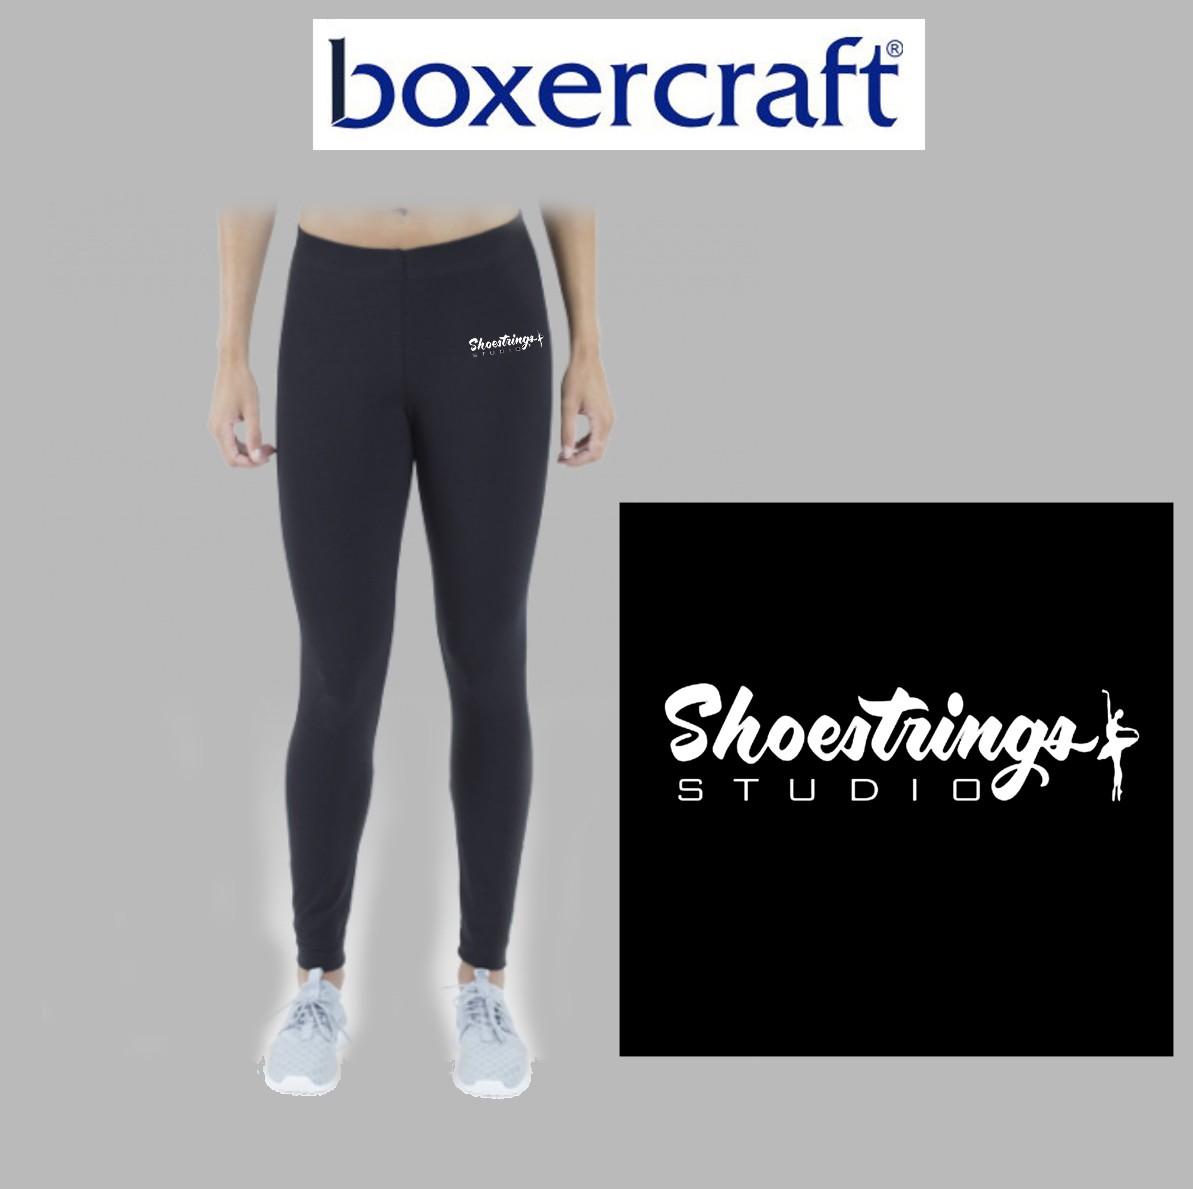 Shoestrings Studio Boxercraft Love em' Longer Leggings,Youth